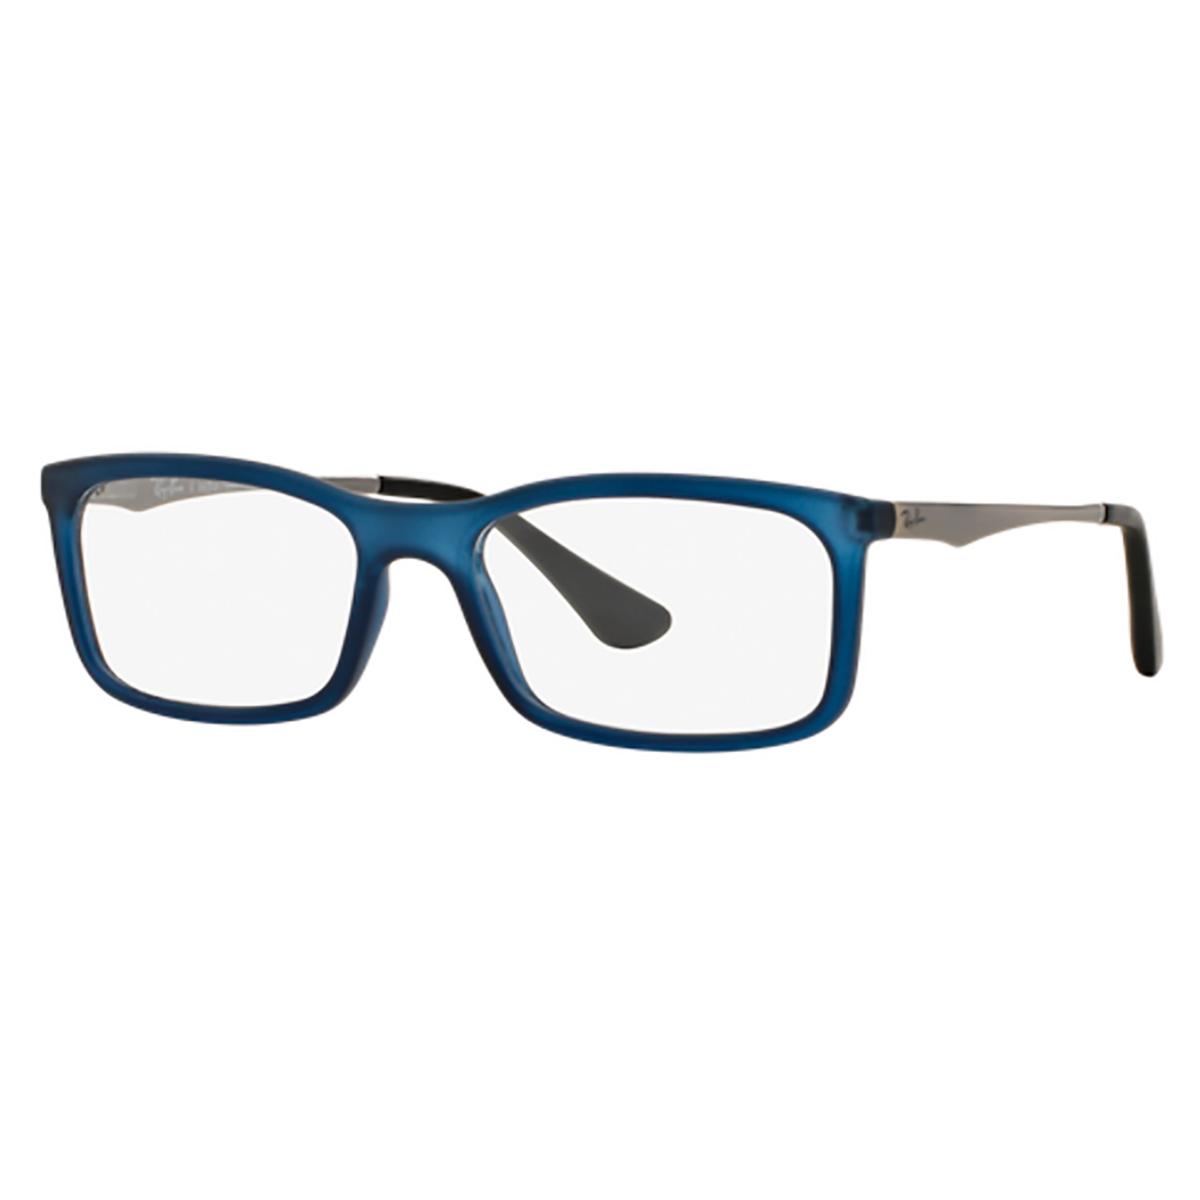 6ed034d695153 Óculos de Grau Ray Ban Infantil RB1547l